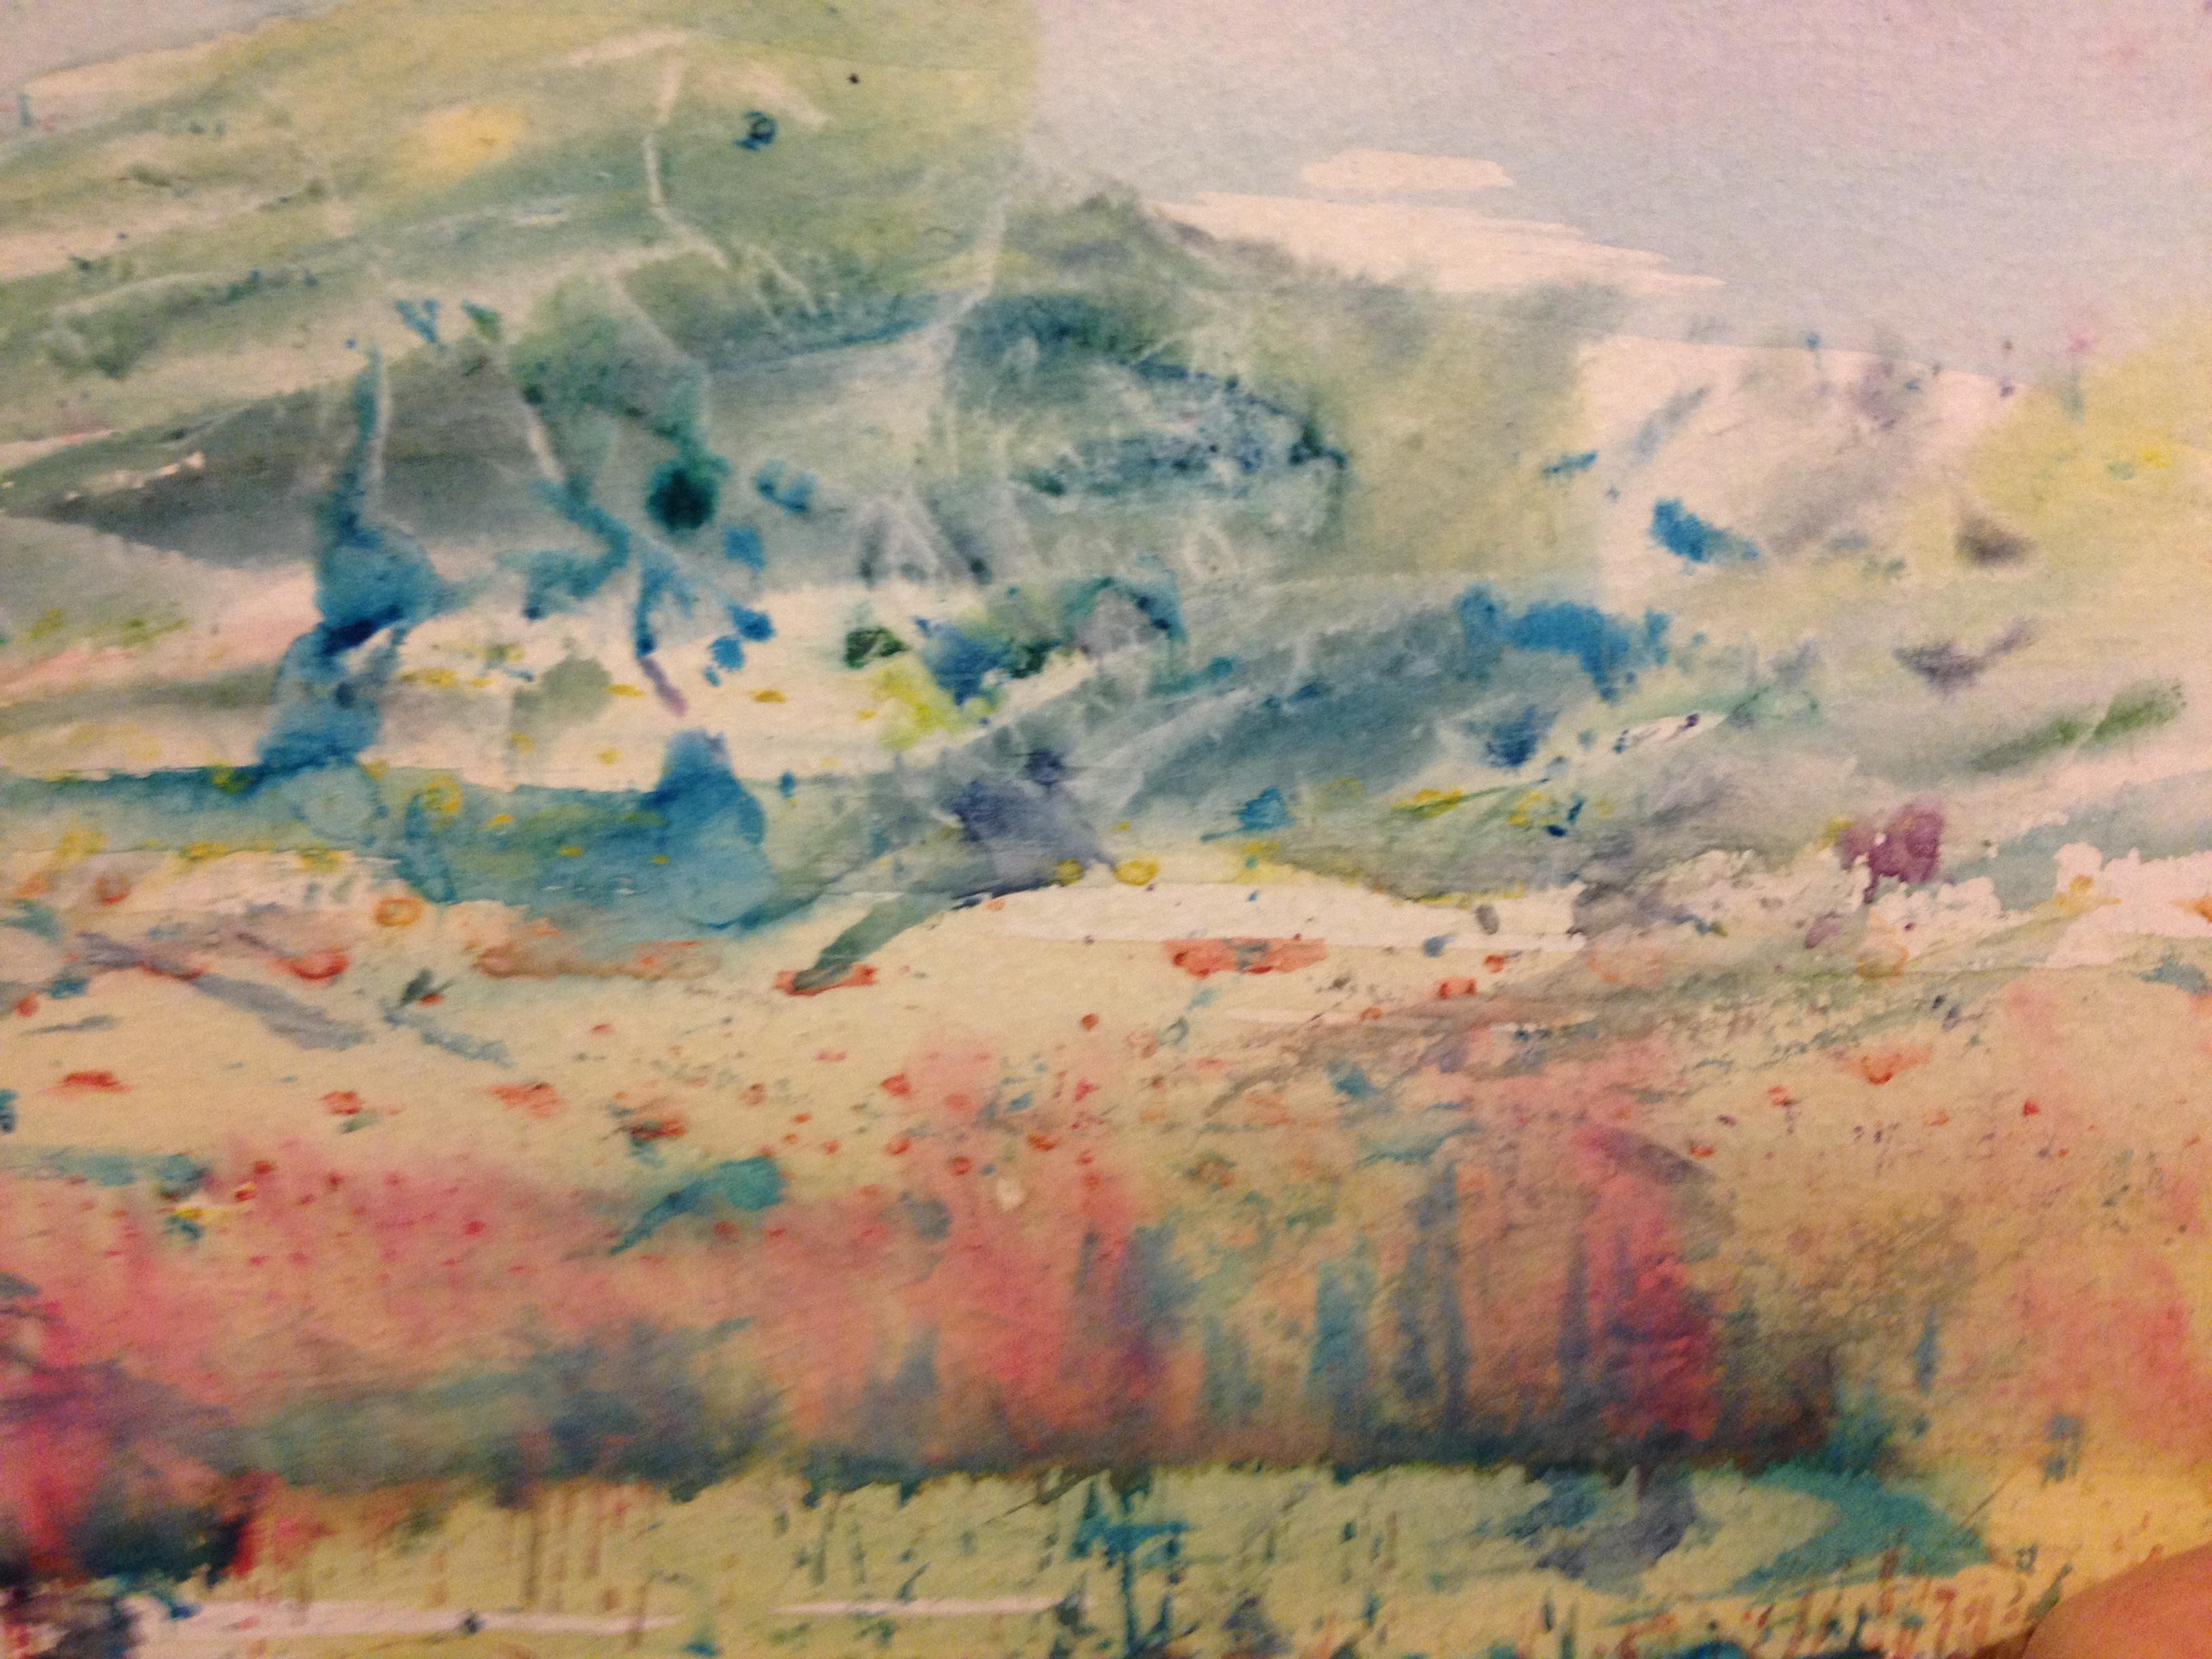 Expressive Landscapes with Watercolour Paints